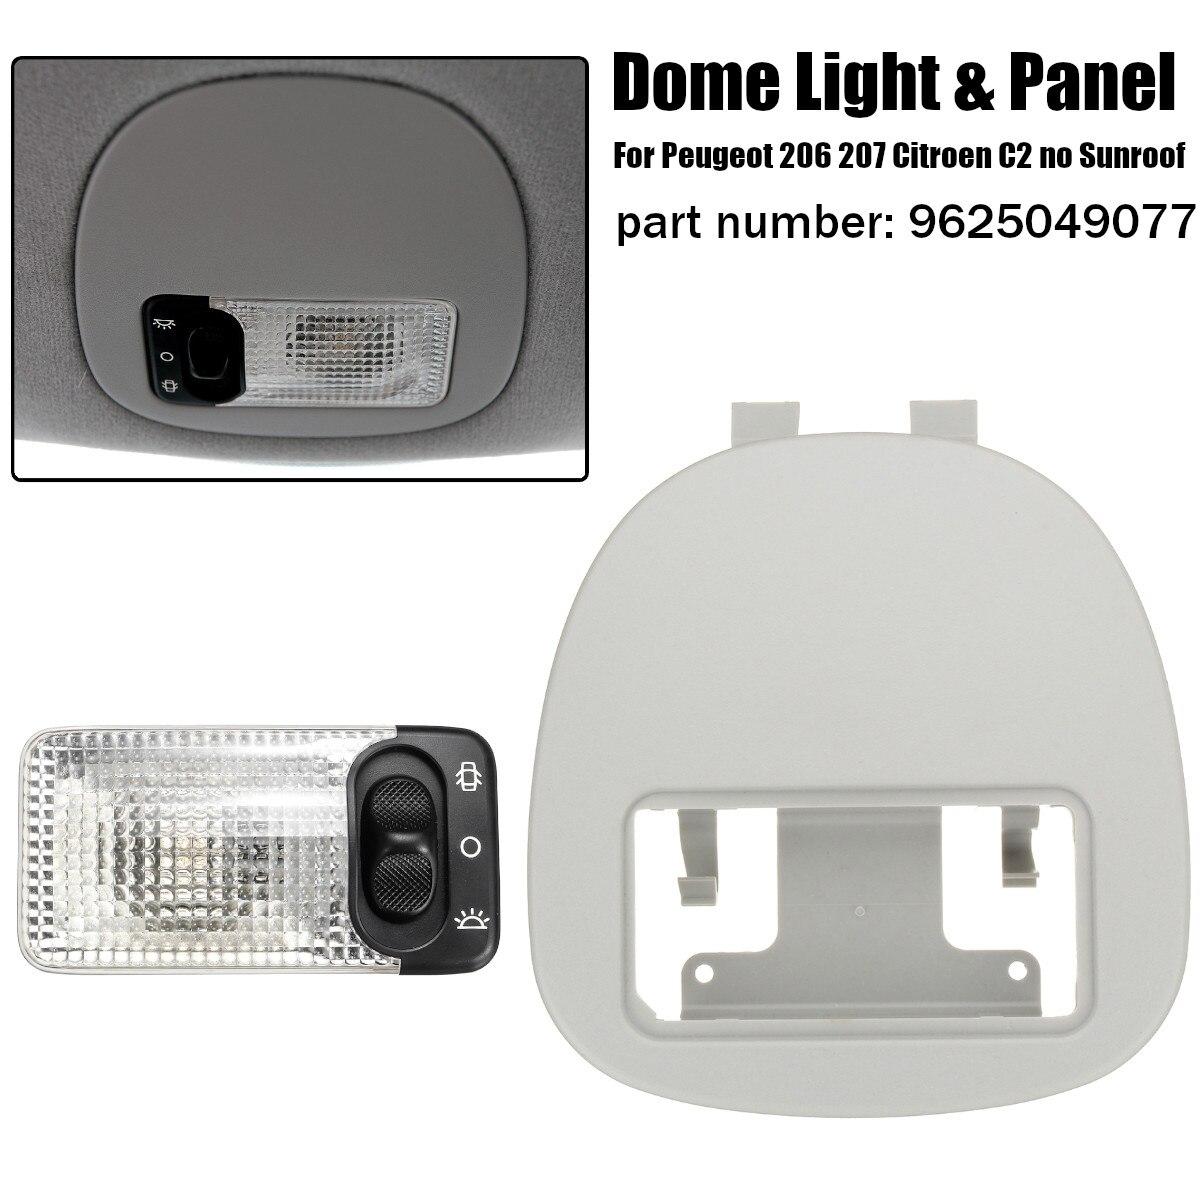 1 Set Auto Front Interieur Dome Leeslamp Lamp & Licht Shield Panel Cover Voor Peugeot 206 207 Voor Citroen C2 9625049077